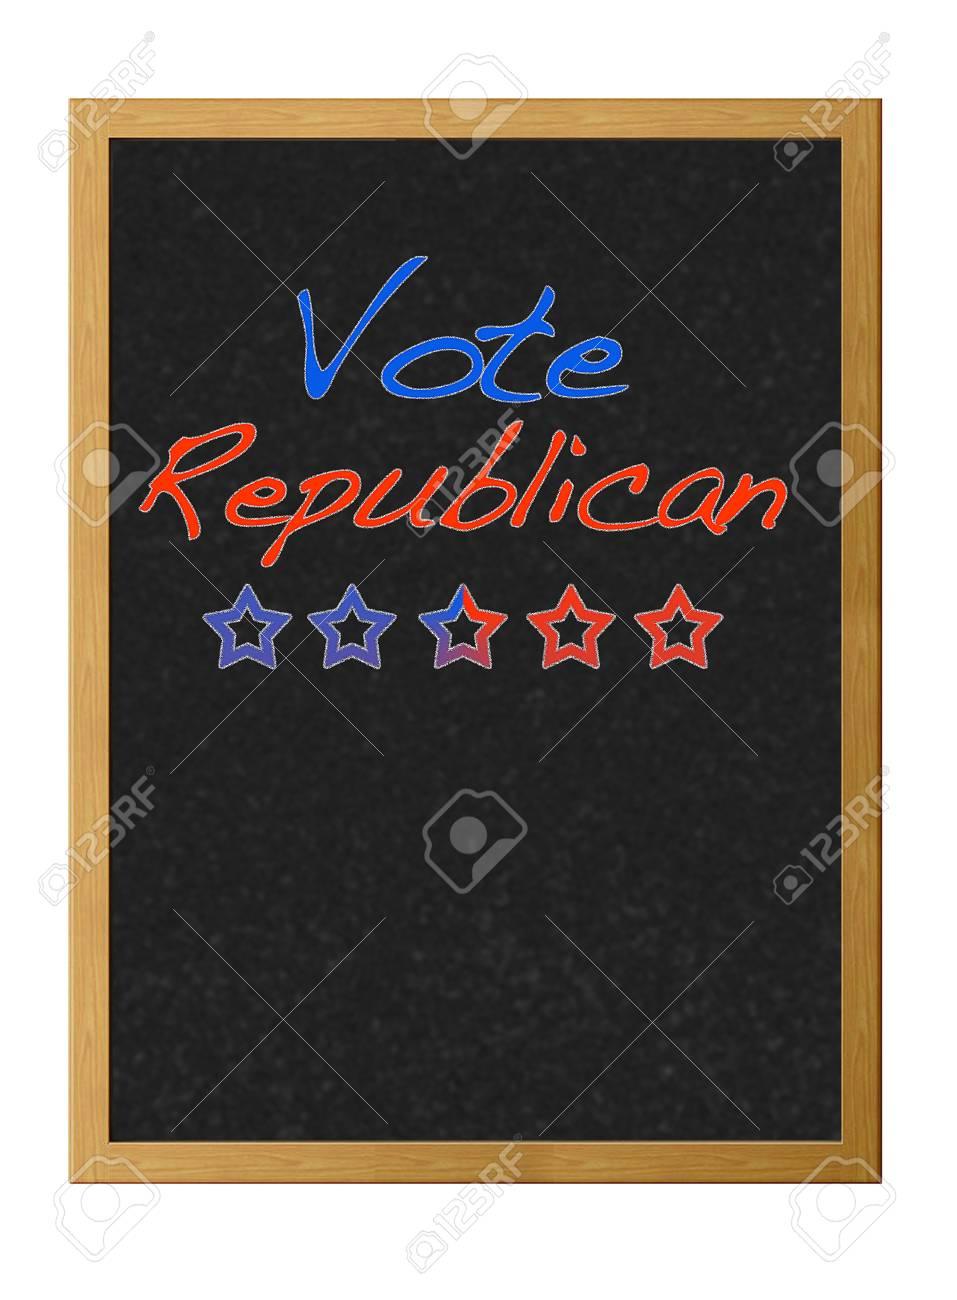 Vote republican. Stock Photo - 12214874